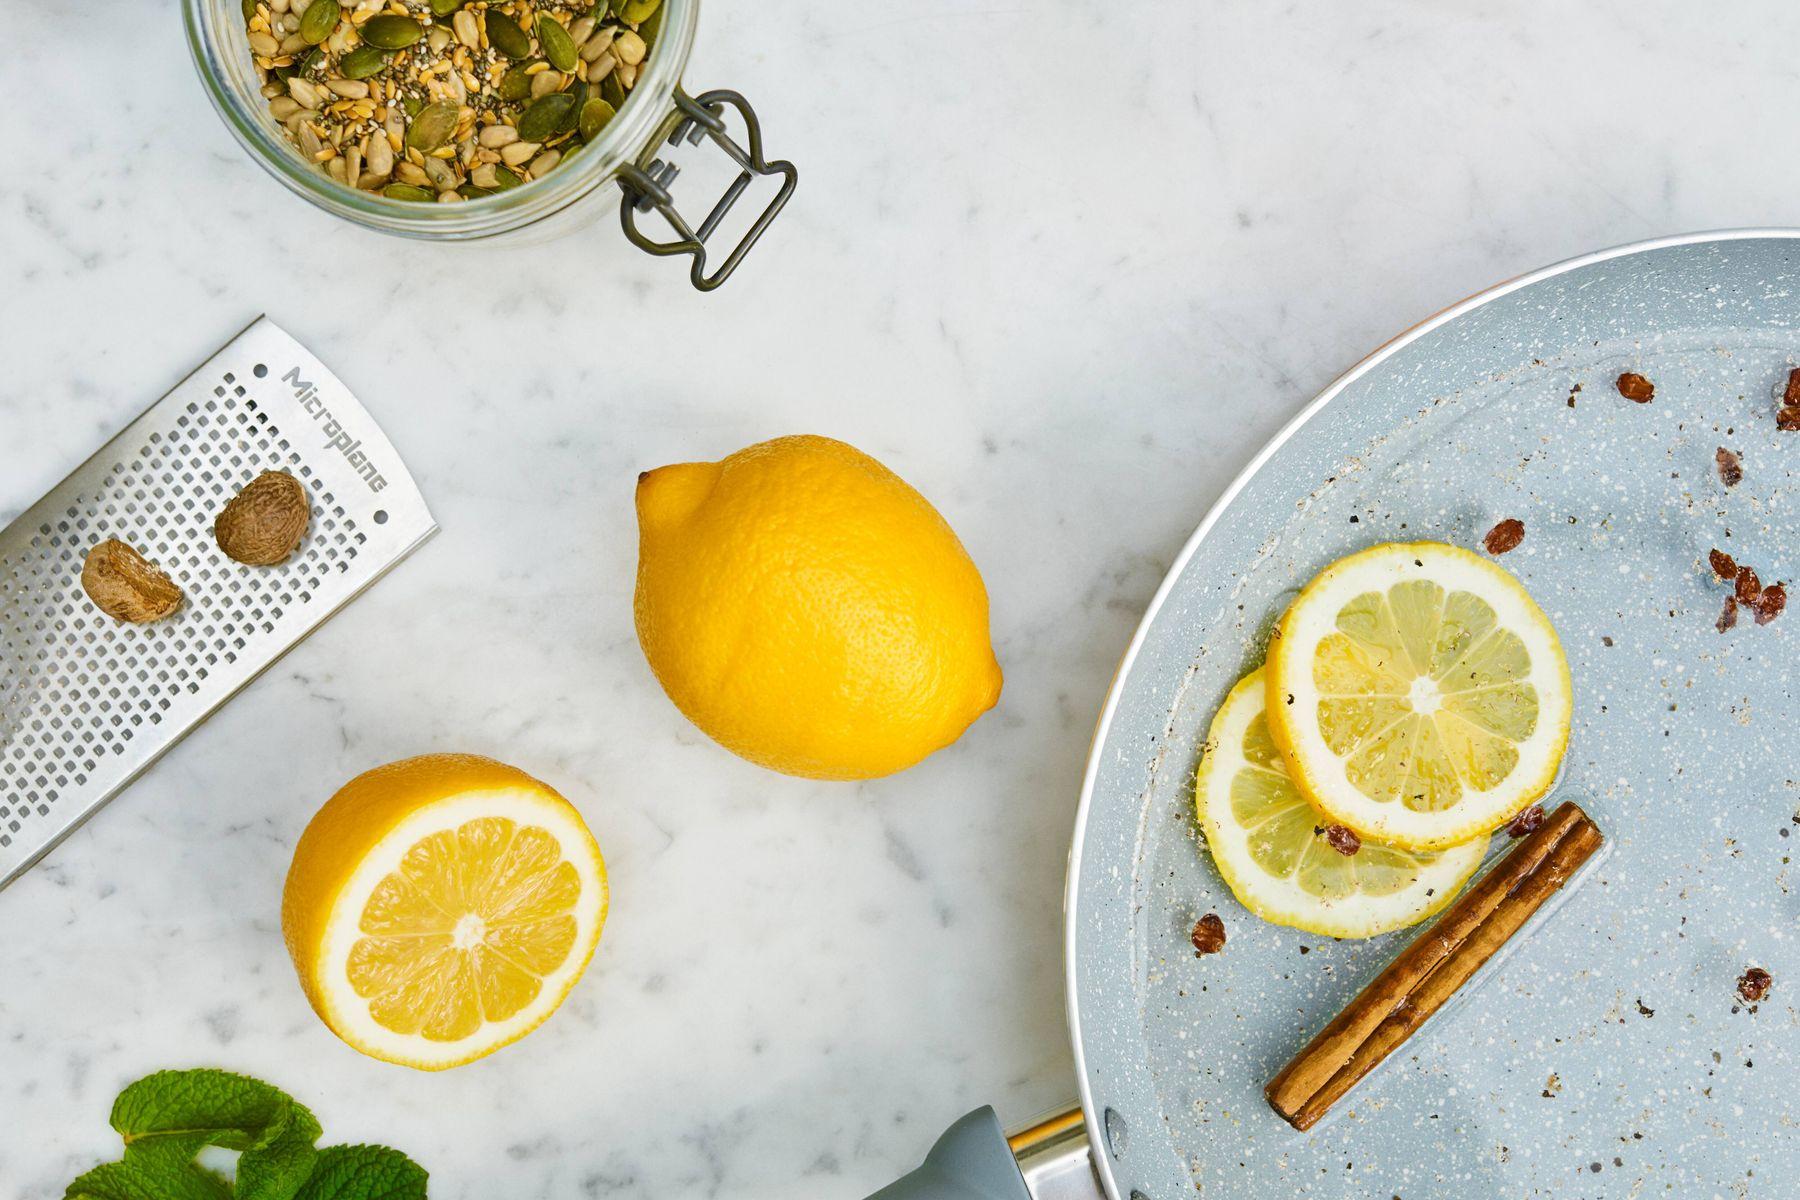 Limon ile Temizlik Nasıl Yapılır?